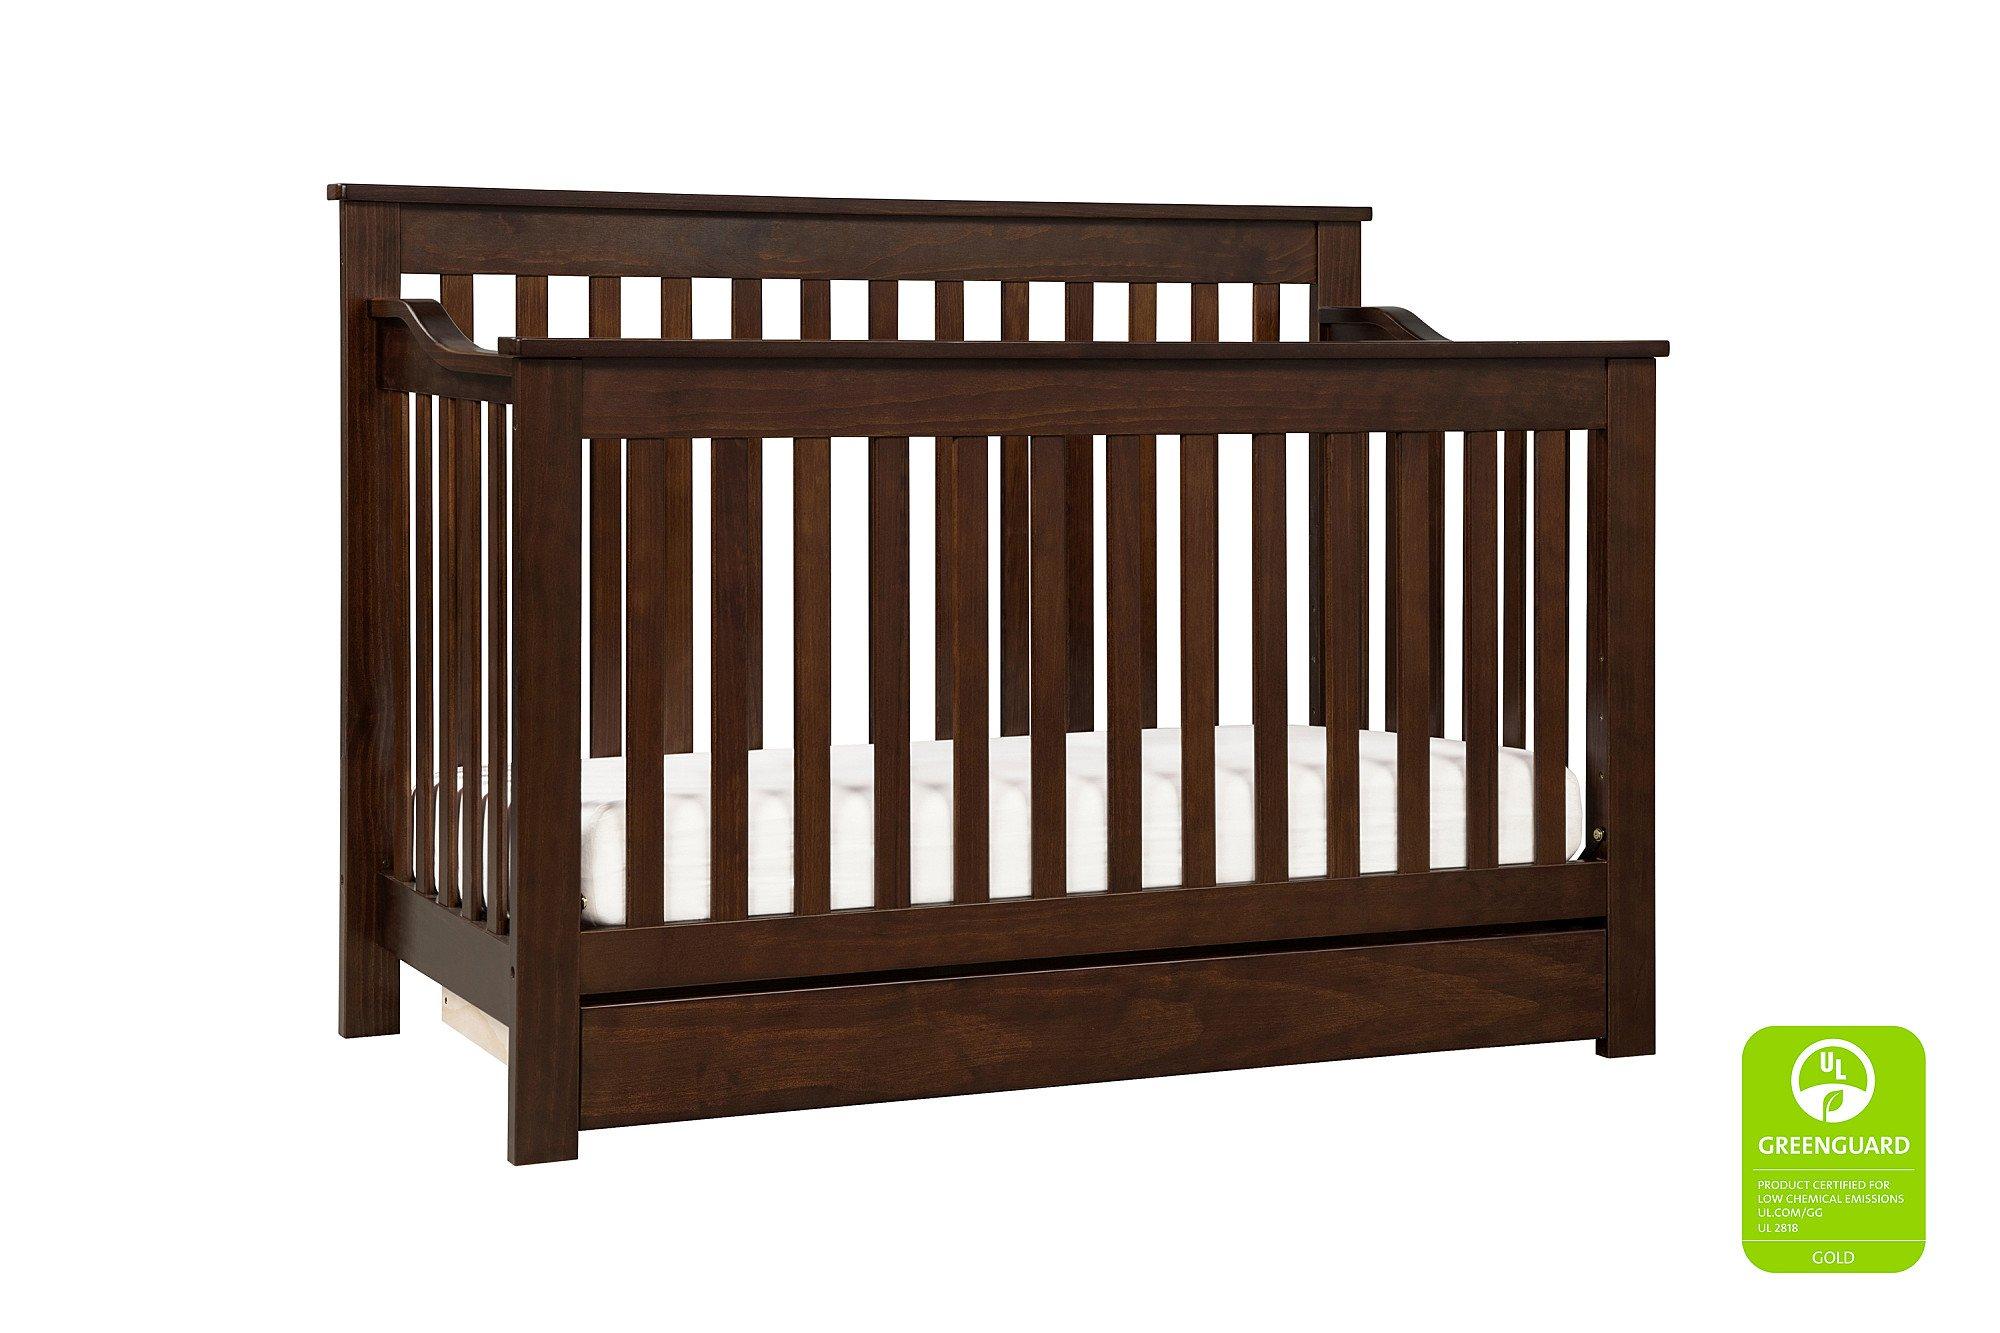 Davinci Piedmont 4-in-1 Crib Full Size Conversion Kit Bed Rails - Espresso